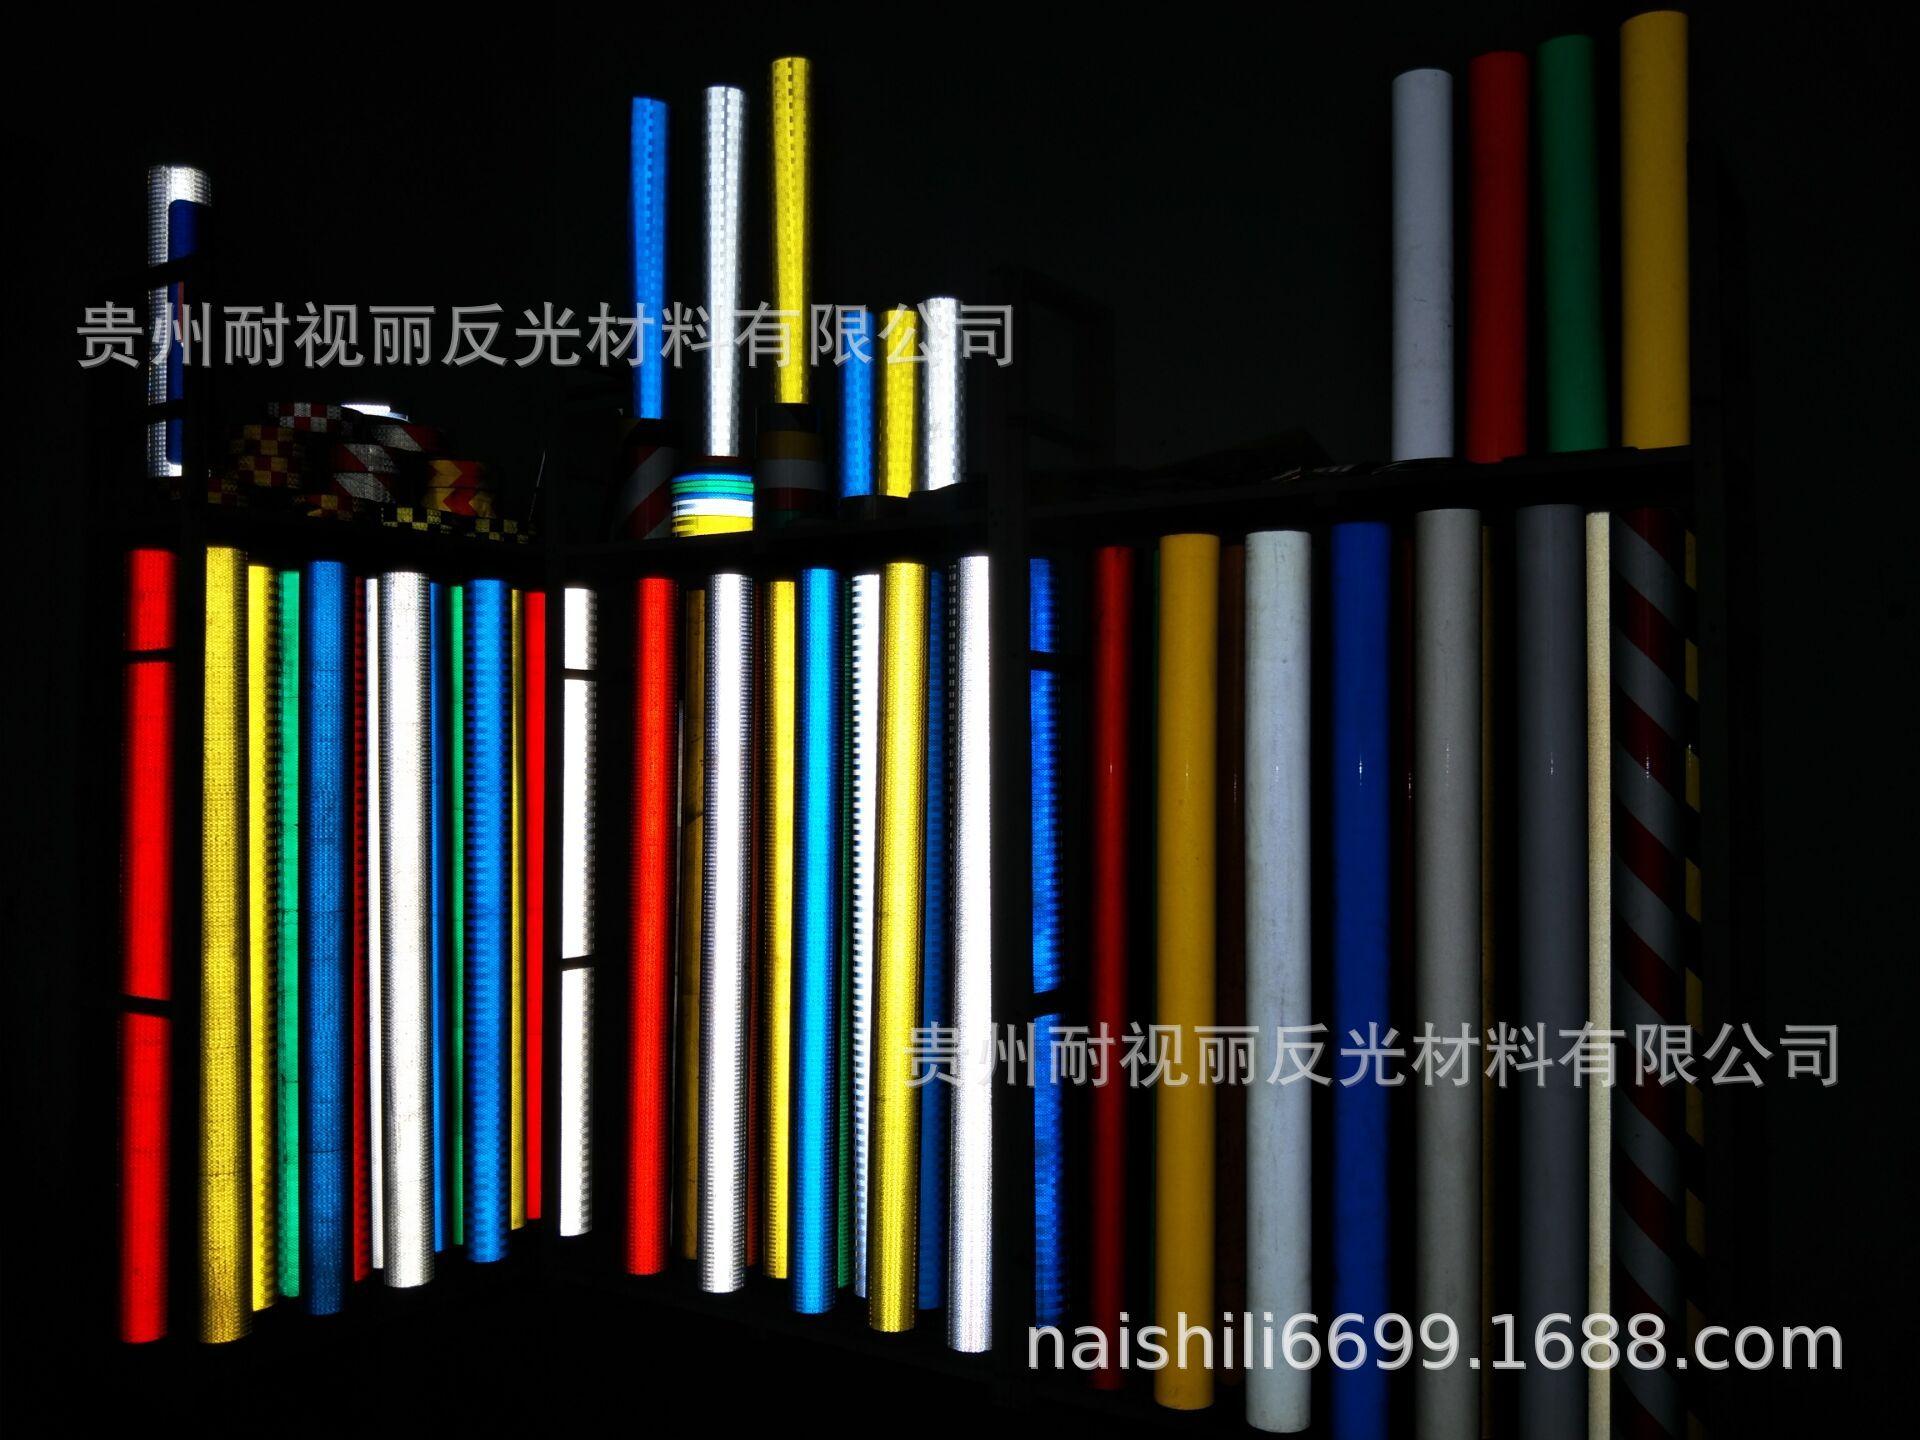 贵州艾利高强级反光膜 贵阳艾利四类反光膜 艾利钻石级反光膜